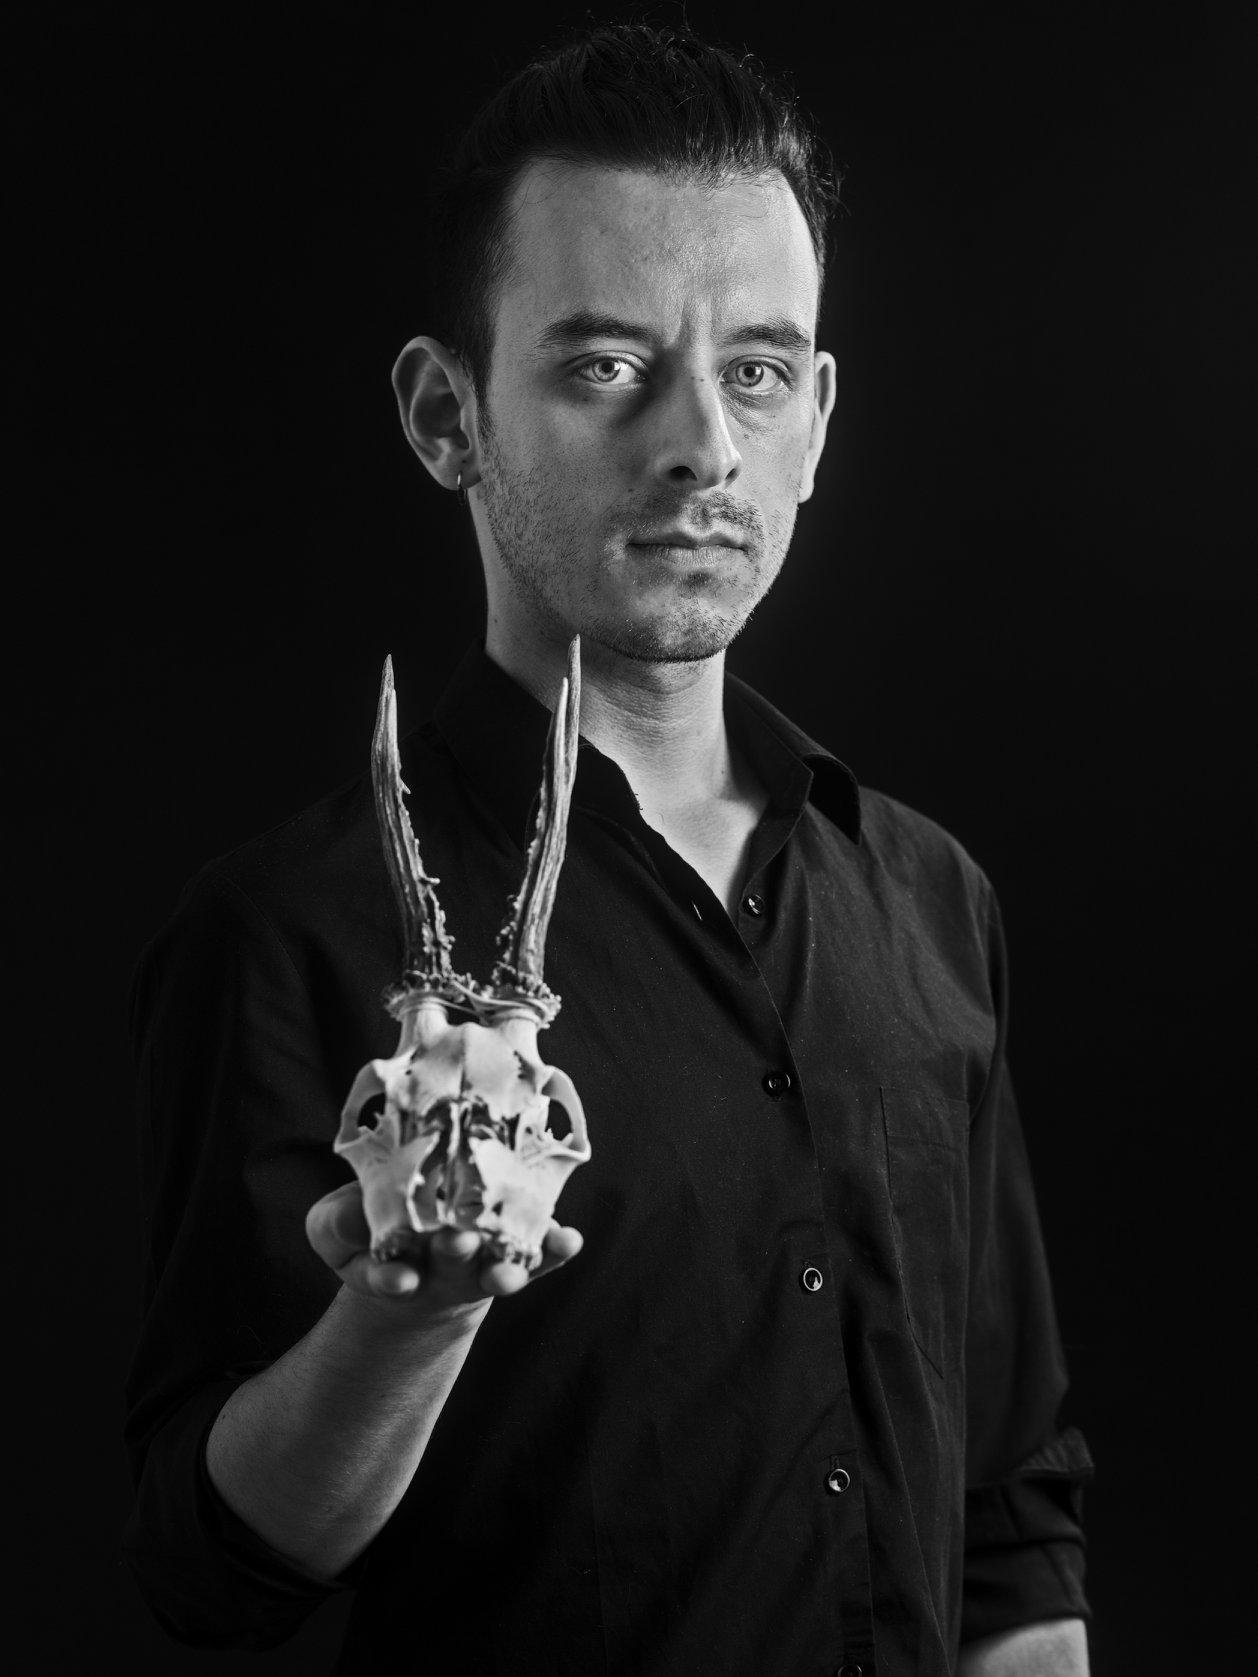 Lucas Alvarado